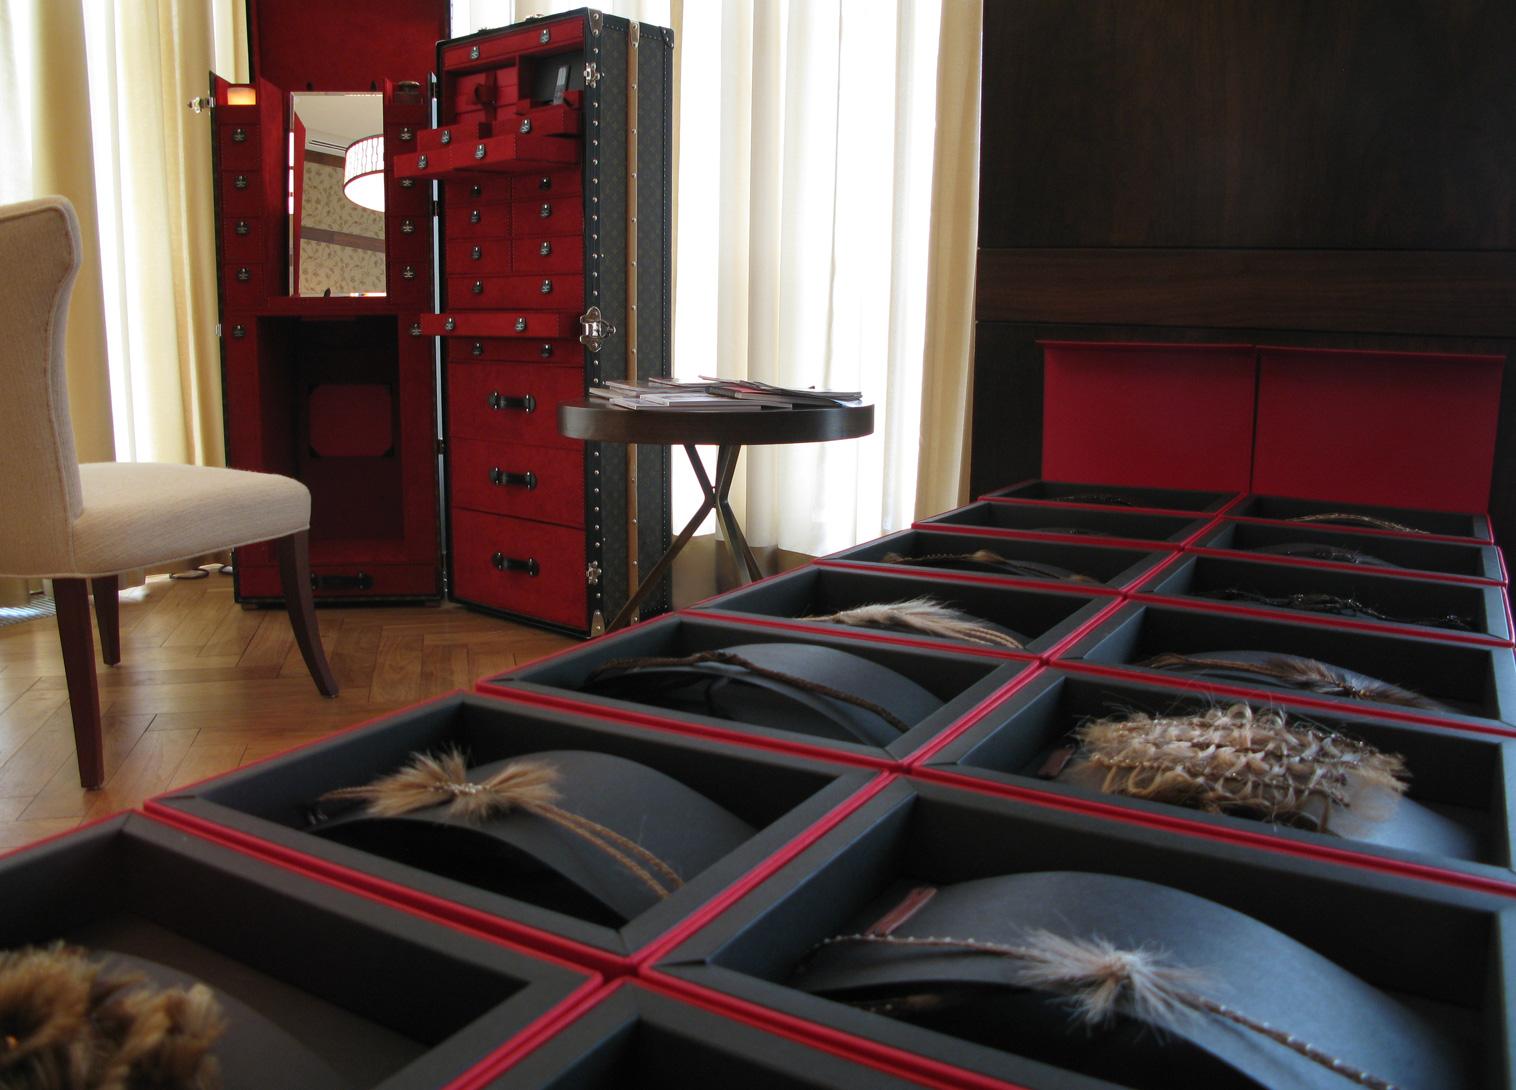 """Présentation des accessoires lors de la tournée """"Hair Room Service Around The World de John Nollet"""" en 2009."""